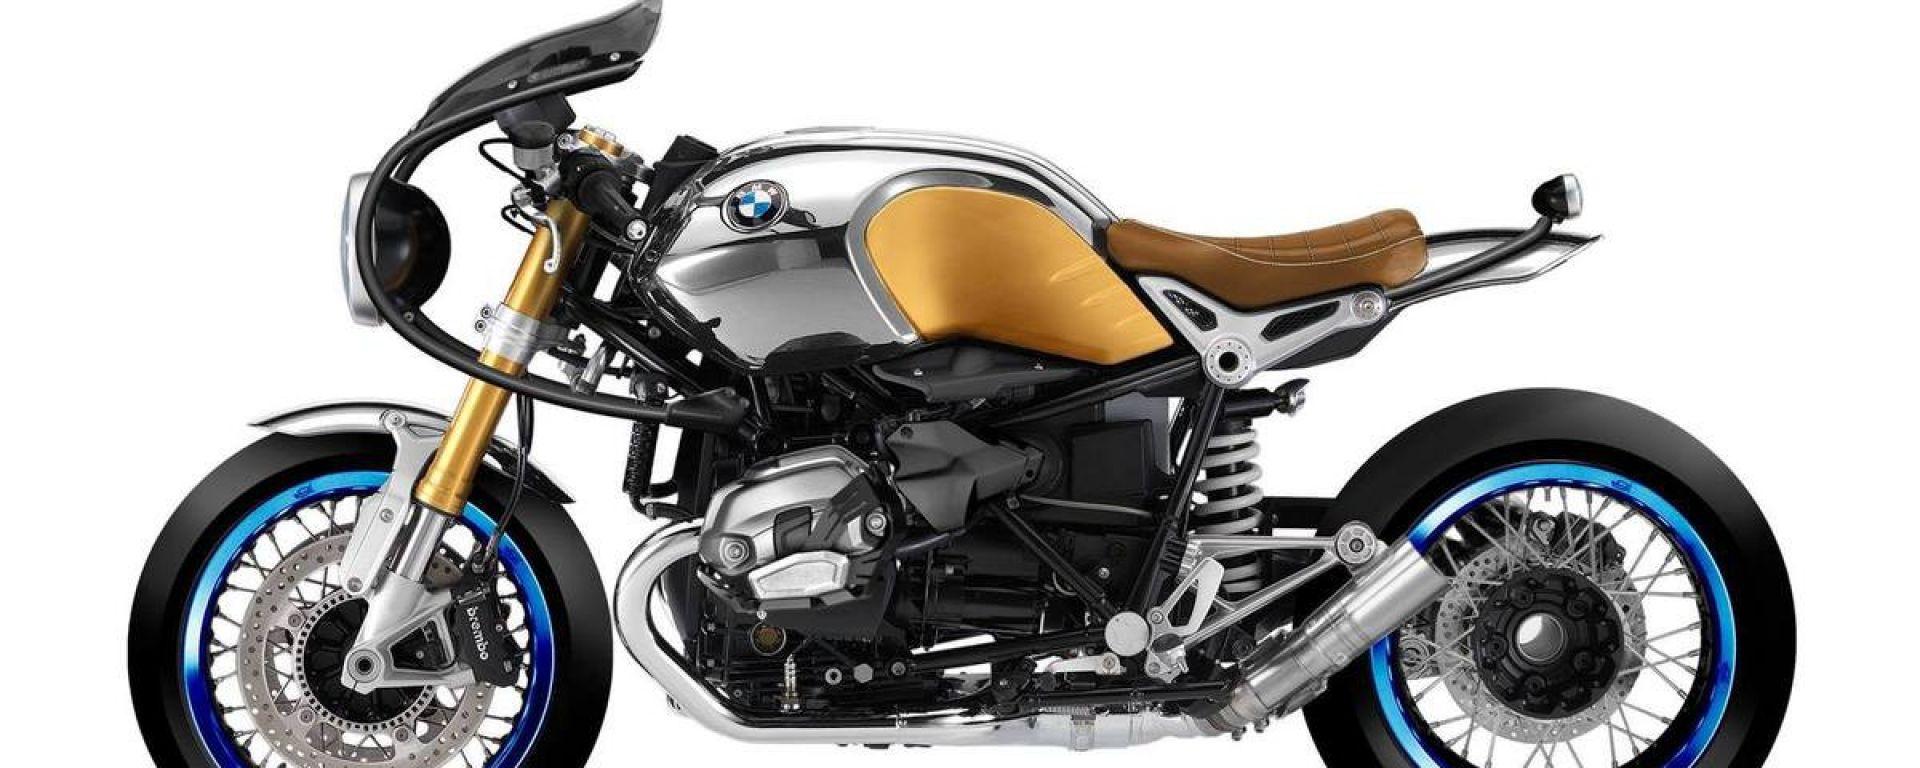 BMW R nineT Wunderlich by Petit